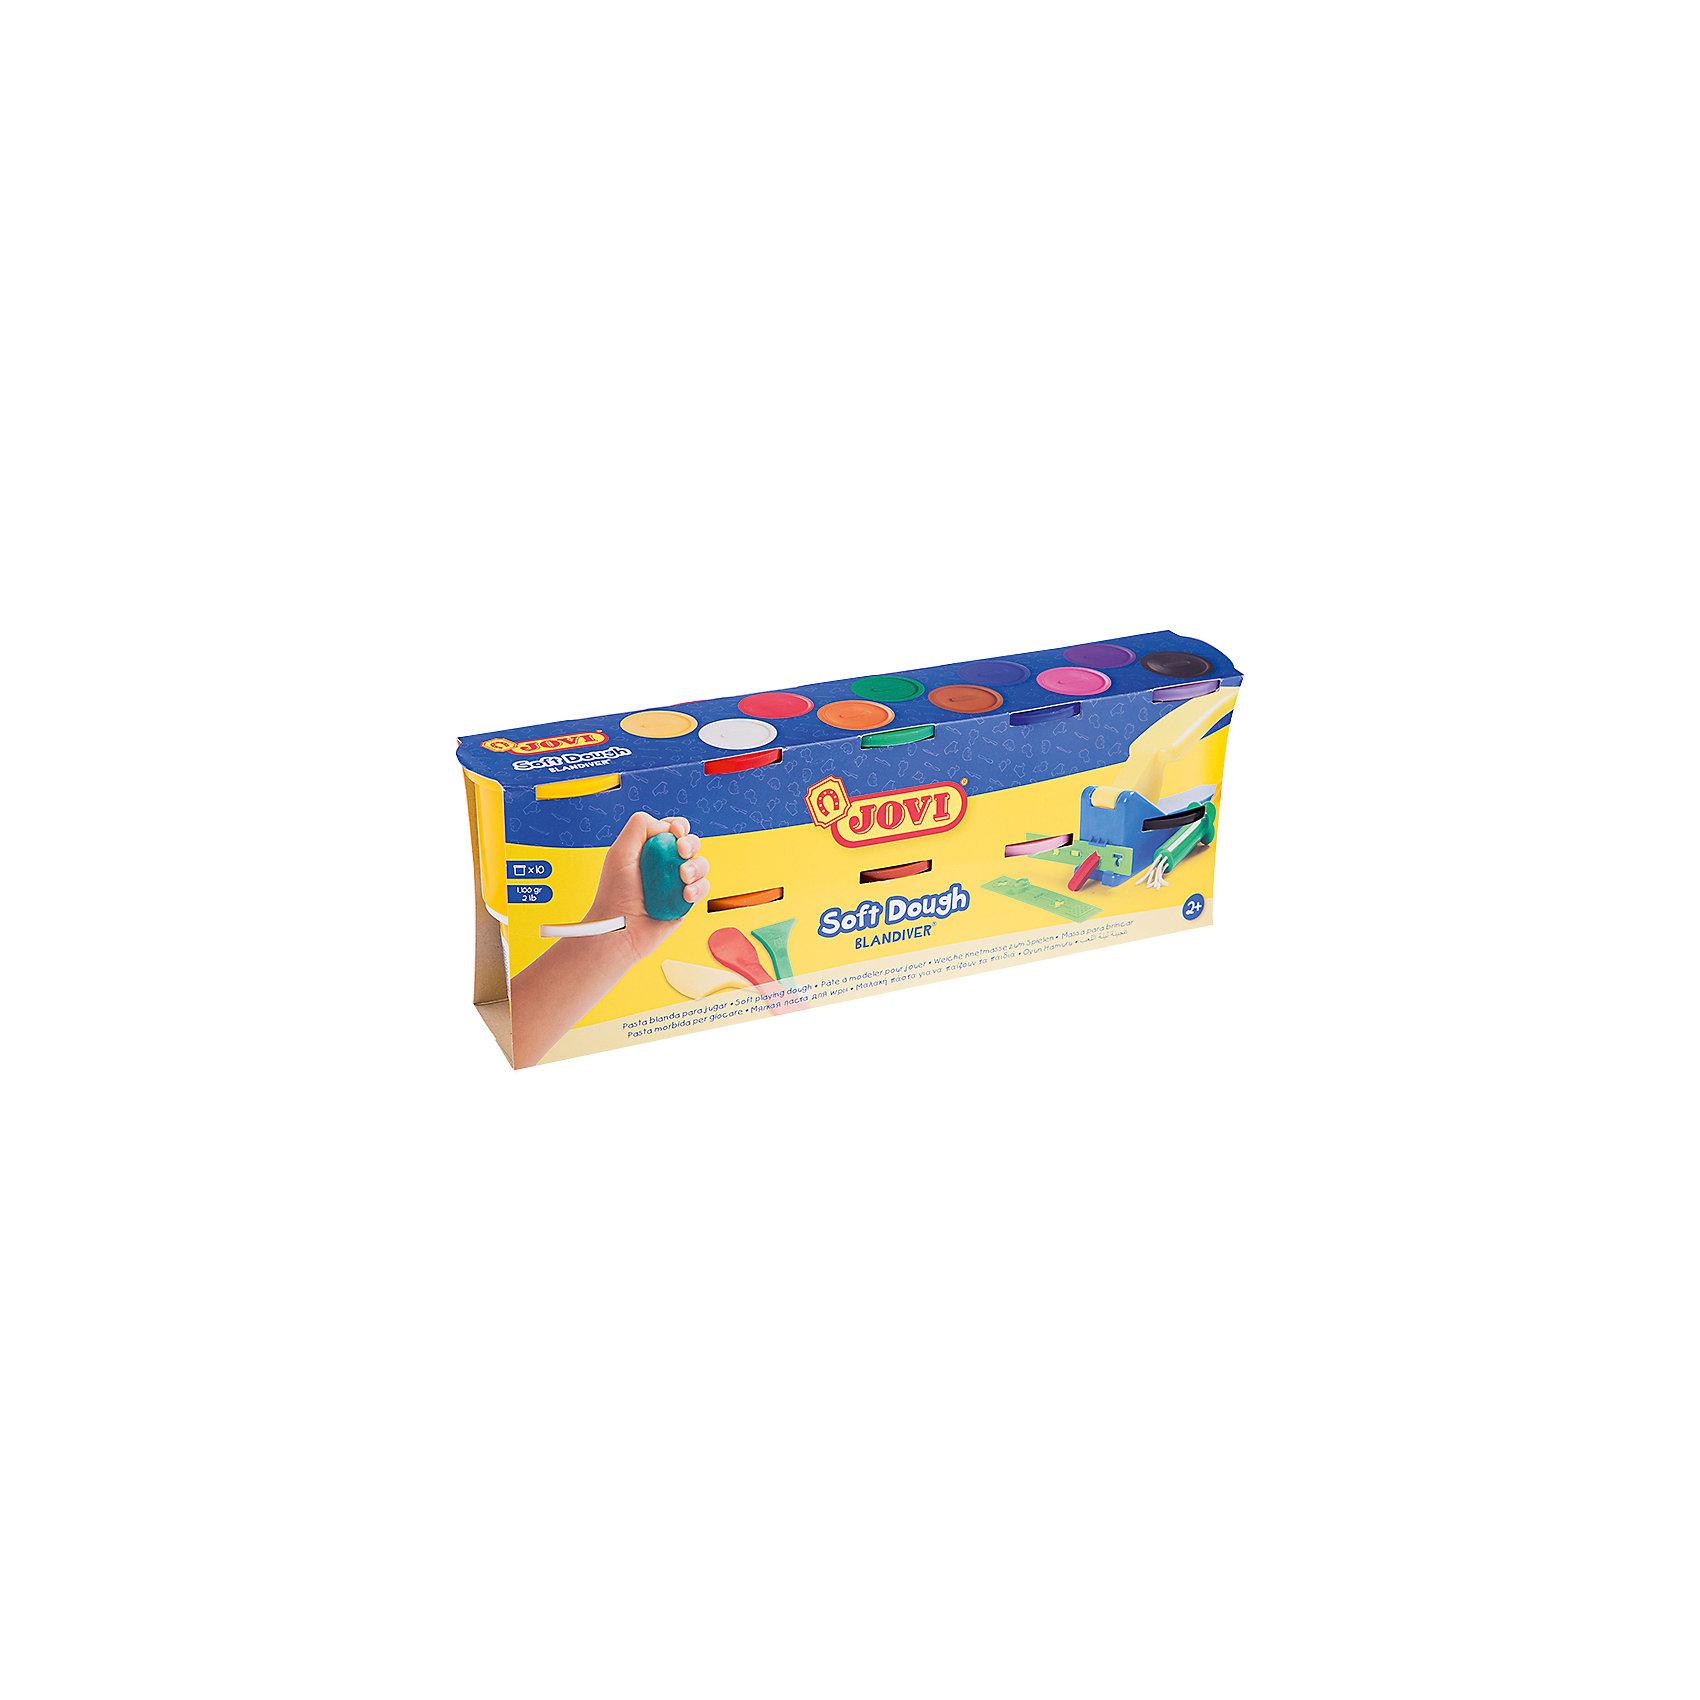 Тесто для лепки 10 цветов*110г JOVIТесто для лепки<br>Количество цветов: 10 <br>Вес нетто: 1100<br>Возраст: старше 2 лет<br>Затвердевает на воздухе: да<br>Инструменты: нет<br>Формочки: нет<br>Упаковка ед. товара: картонная коробка<br>Blandiver - мягкая игровая детская паста для лепки с малышами (аналог соленого теста). Сертифицирована от 2х лет. Натуральный продукт на основе муки, соли и воды. Безвредная, но с неприятным соленым вкусом. Супер мягкая, очень свежая по текстуре,приятная на ощупь, не липкая. Пищевые красители, исключительно безопасный состав. Не имеет химического запаха. Паста легко принимает нужную форму, идеально подходит для маленьких слабых детских рук и предназначена для знакомства ребенка с лепкой и создания простых фигурок руками или с помощью формочек и экструдеров. Помогает развивать мелкую моторику, воображение и интуицию ребенка. Затвердевает на воздухе, сохраняет яркий цвет. Расширенная палитра в 10 цветов (белый, желтый, красный, зеленый, синий, фиолетовый, оранжевый, розовый, коричневый, черный), которые легко смешивать между собой, разбудят фантазию малыша и помогут ему продолжить знакомство с многообразием цветов и оттенков и дальнейшее развитие навыков лепки. Паста по 110 гр в банках емкостью 125 мл. После высыхания паста легко снимается влажной губкой или щеткой с одежды, ковров и др. поверхностей, не оставляя следов. Страна производства Испания.<br><br>Ширина мм: 170<br>Глубина мм: 110<br>Высота мм: 40<br>Вес г: 1432<br>Возраст от месяцев: 24<br>Возраст до месяцев: 2147483647<br>Пол: Унисекс<br>Возраст: Детский<br>SKU: 7044266